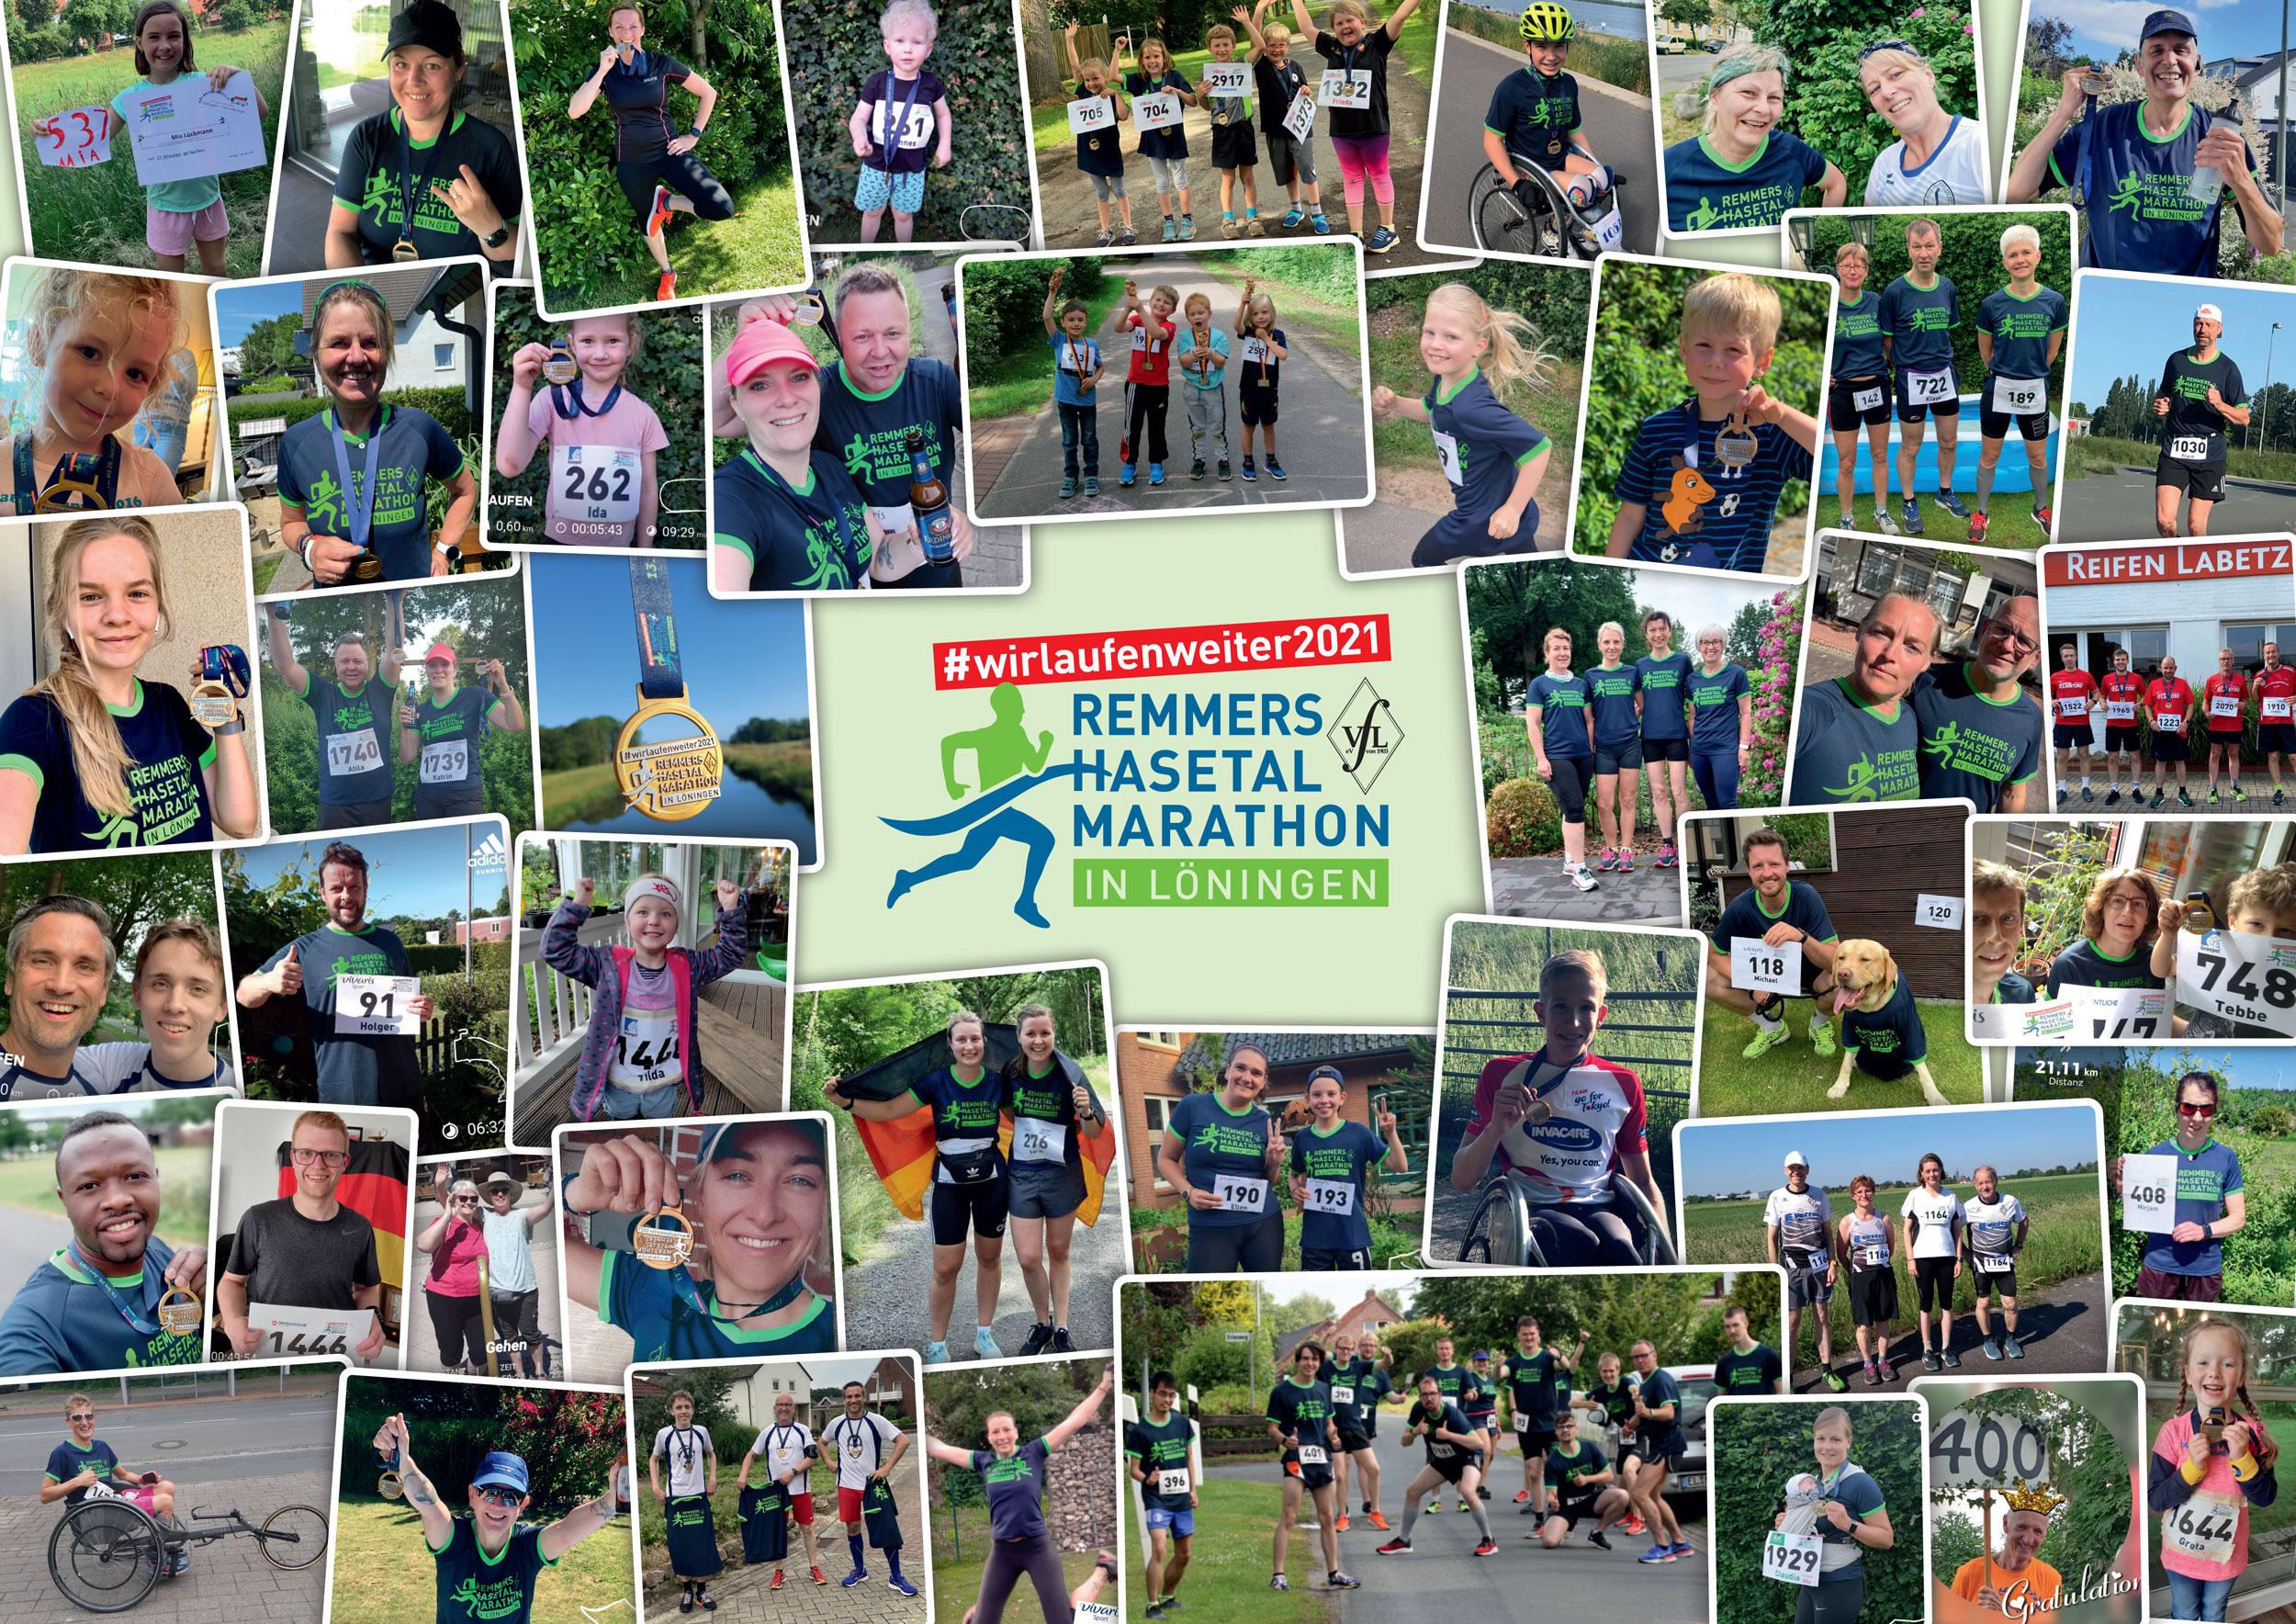 zum Bild:Mit 3.241 Anmeldungen wurde der #wirlaufenweiter2021 – Remmers-Hasetal-Marathon des VfL Löningen von zahlreichen Läuferinnen und Läufern sehr gut angenommen. Foto-Collage: Remmers-Hasetal-Marathon.